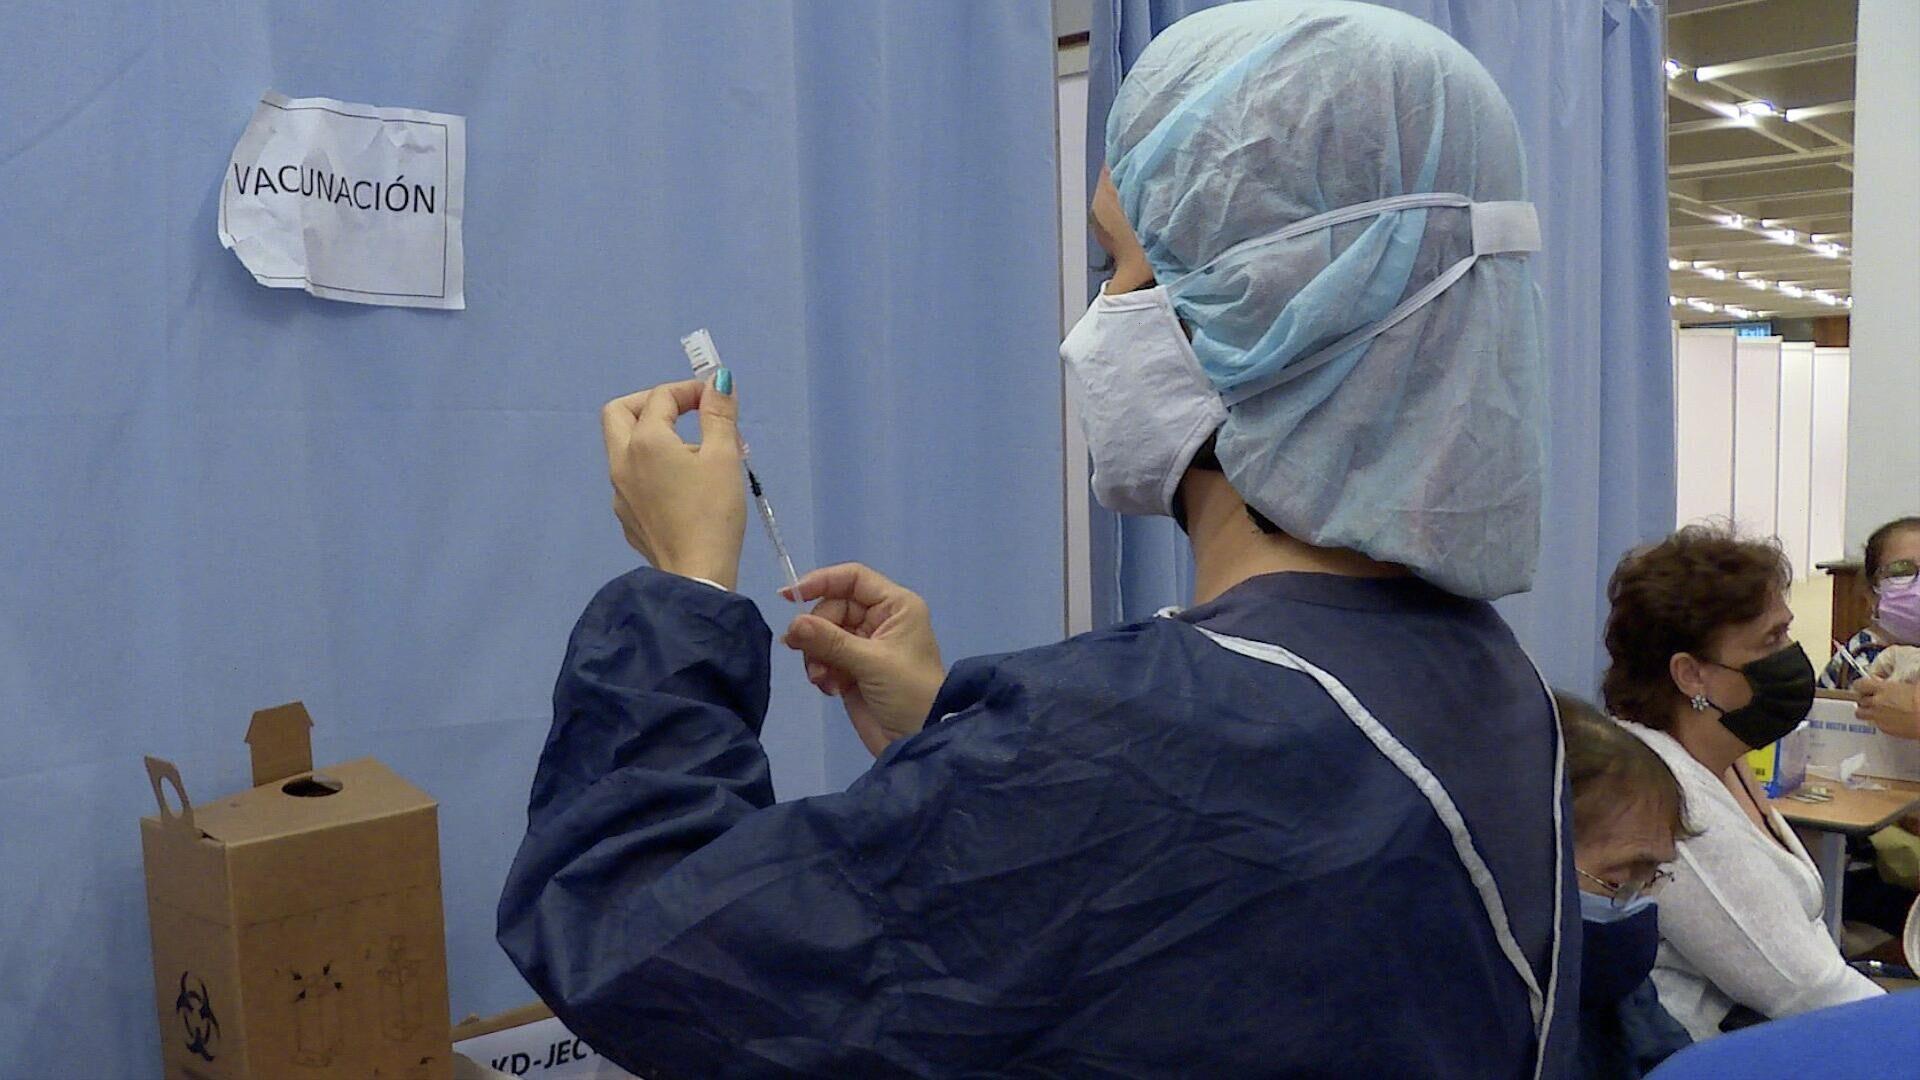 Alrededor de 7.000 personas se vacunan diariamente en el Hotel Sanitario Alba Caracas, en la capital de Venezuela - Sputnik Mundo, 1920, 01.09.2021